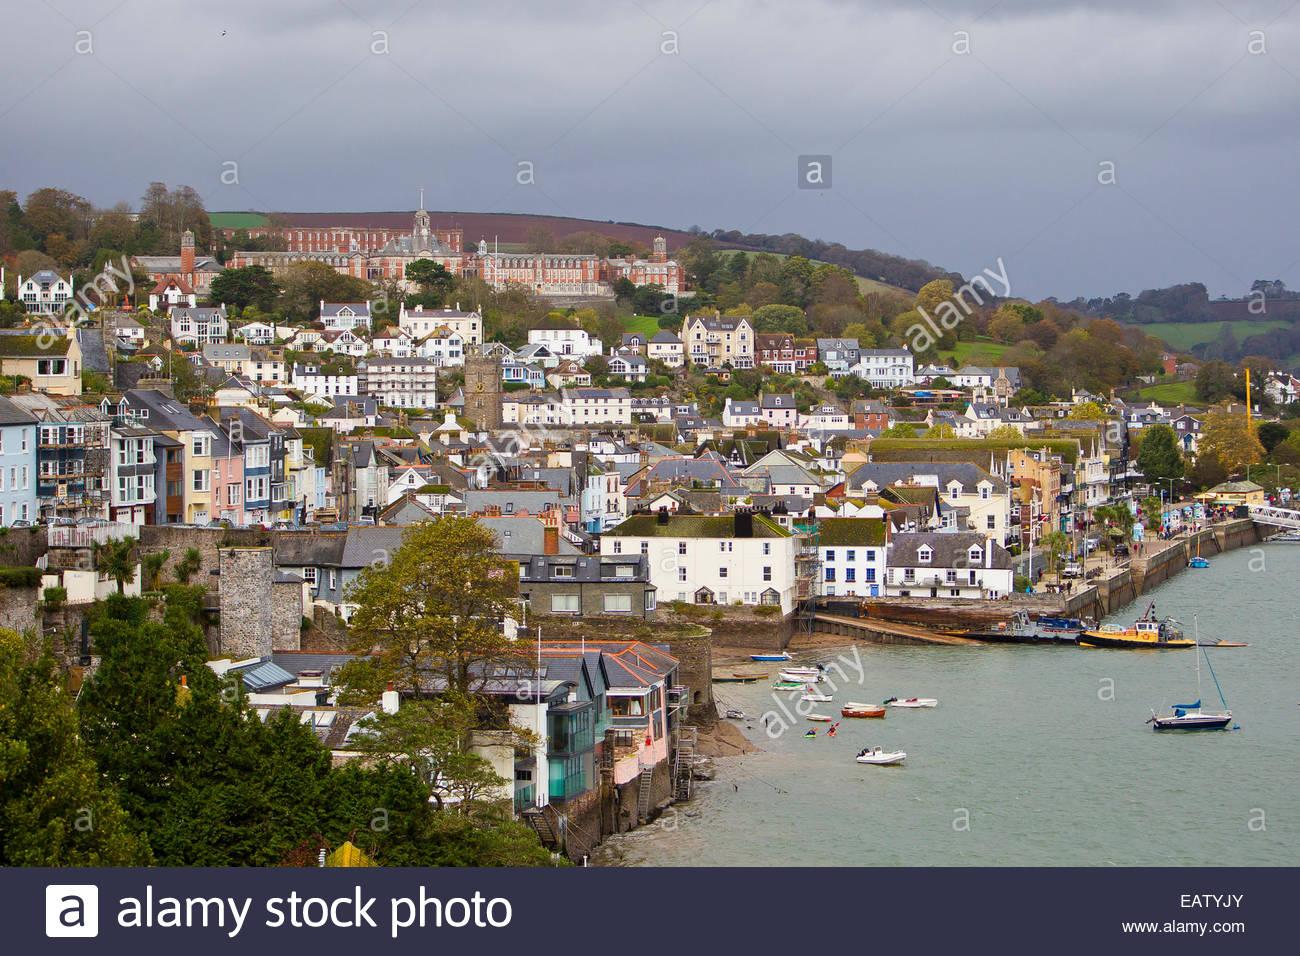 La città di Dartmouth e Britannia Royal Navy College in cima alla collina. Immagini Stock